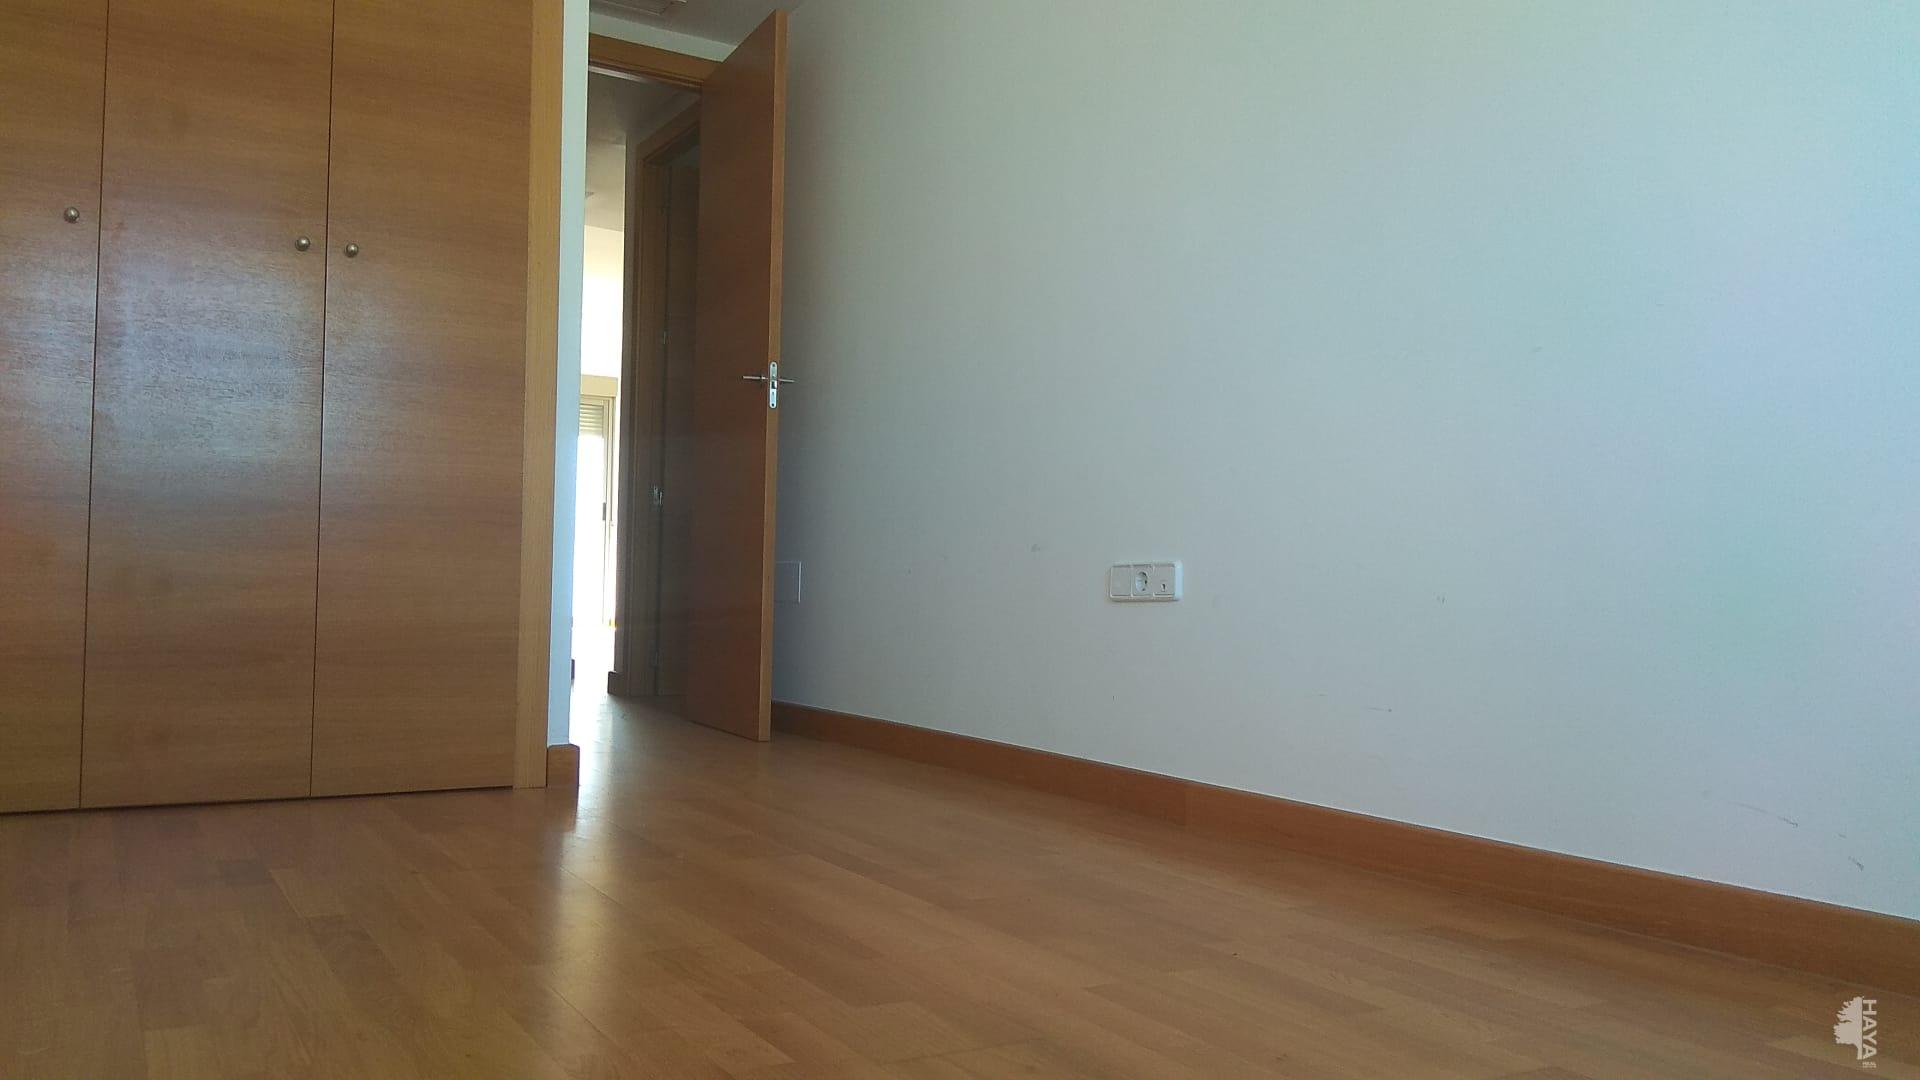 Piso en venta en Piso en Murcia, Murcia, 112.021 €, 2 habitaciones, 2 baños, 109 m2, Garaje